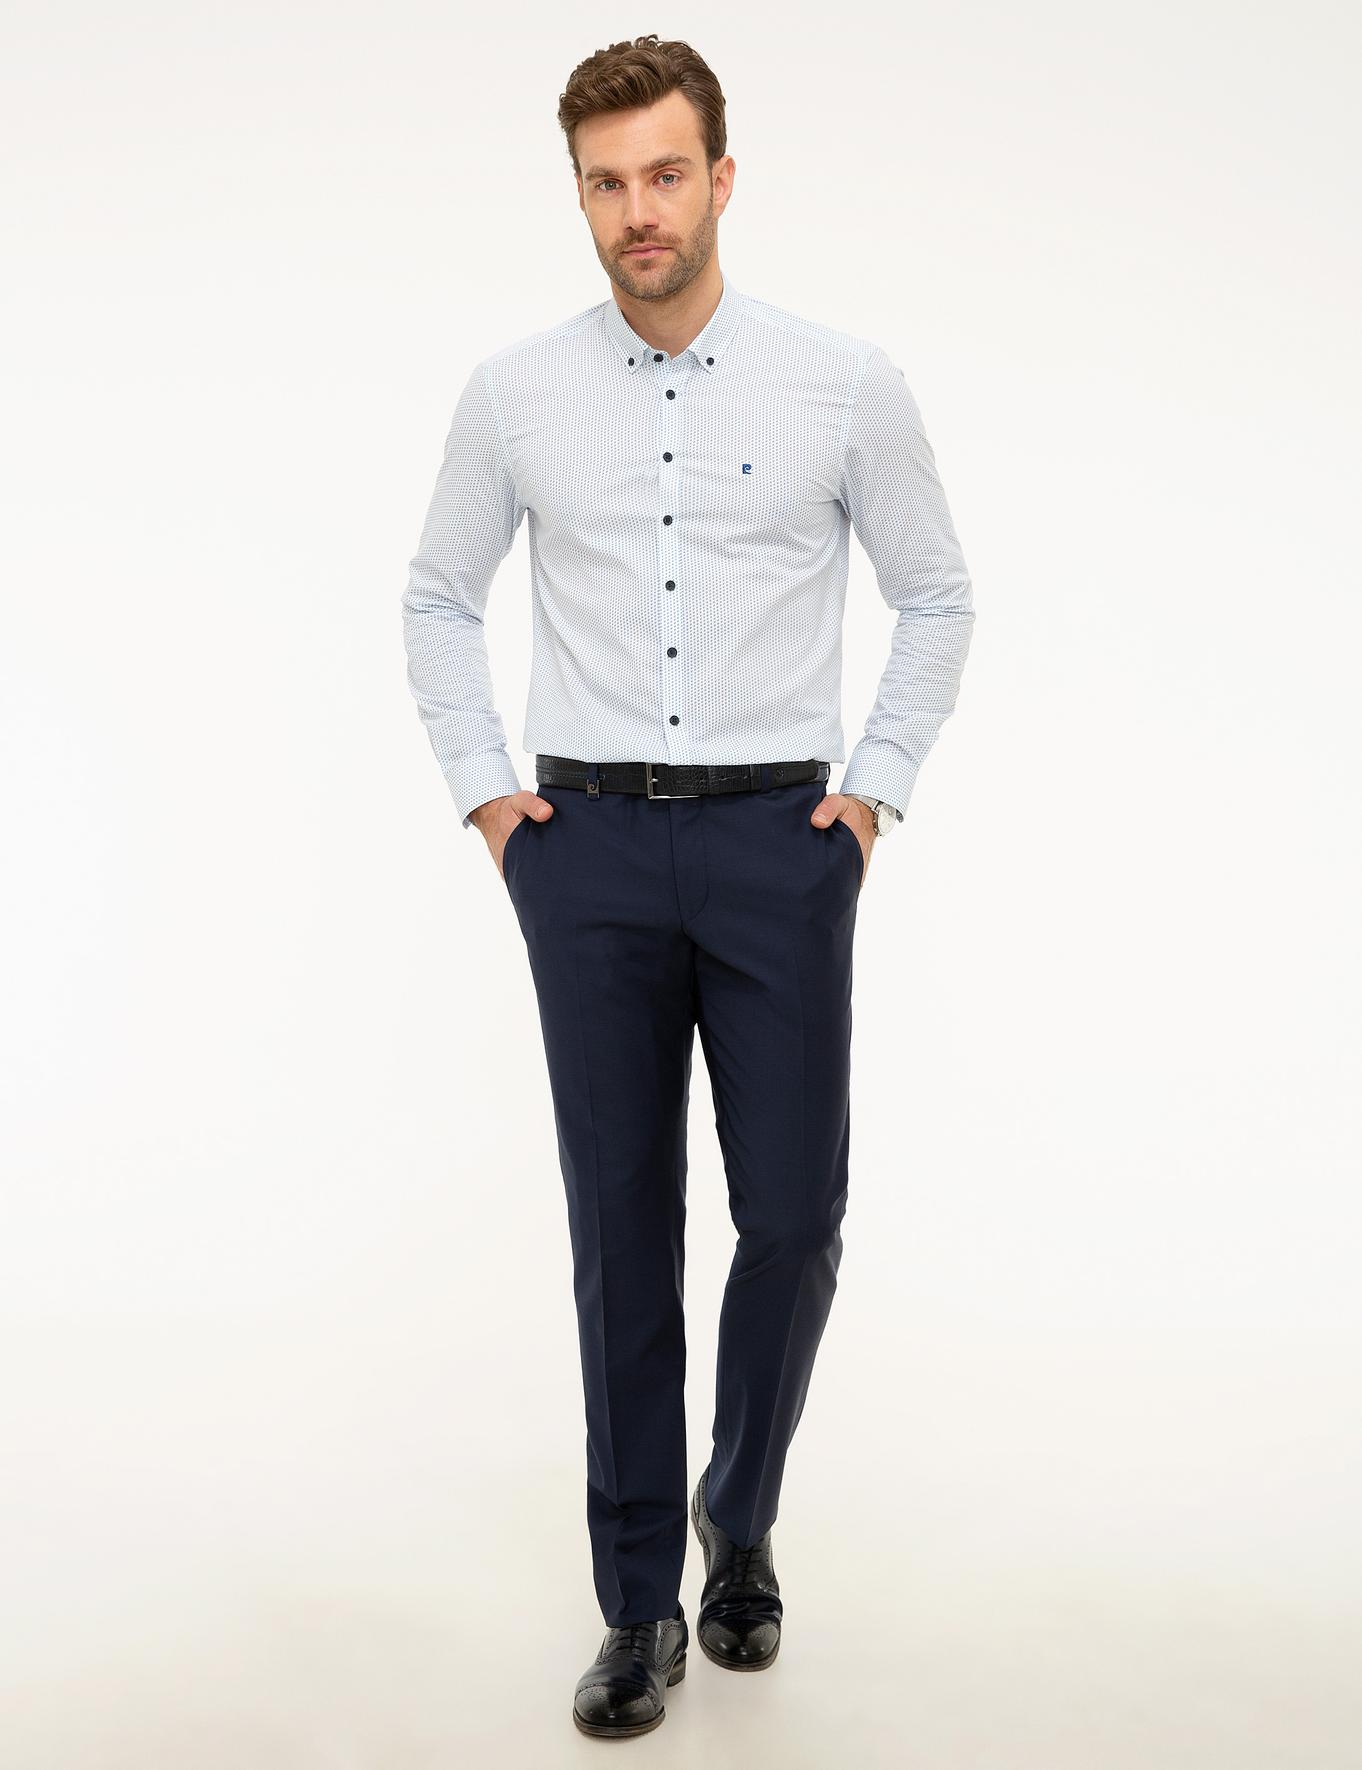 Açık Lacivert Slim Fit Pantolon